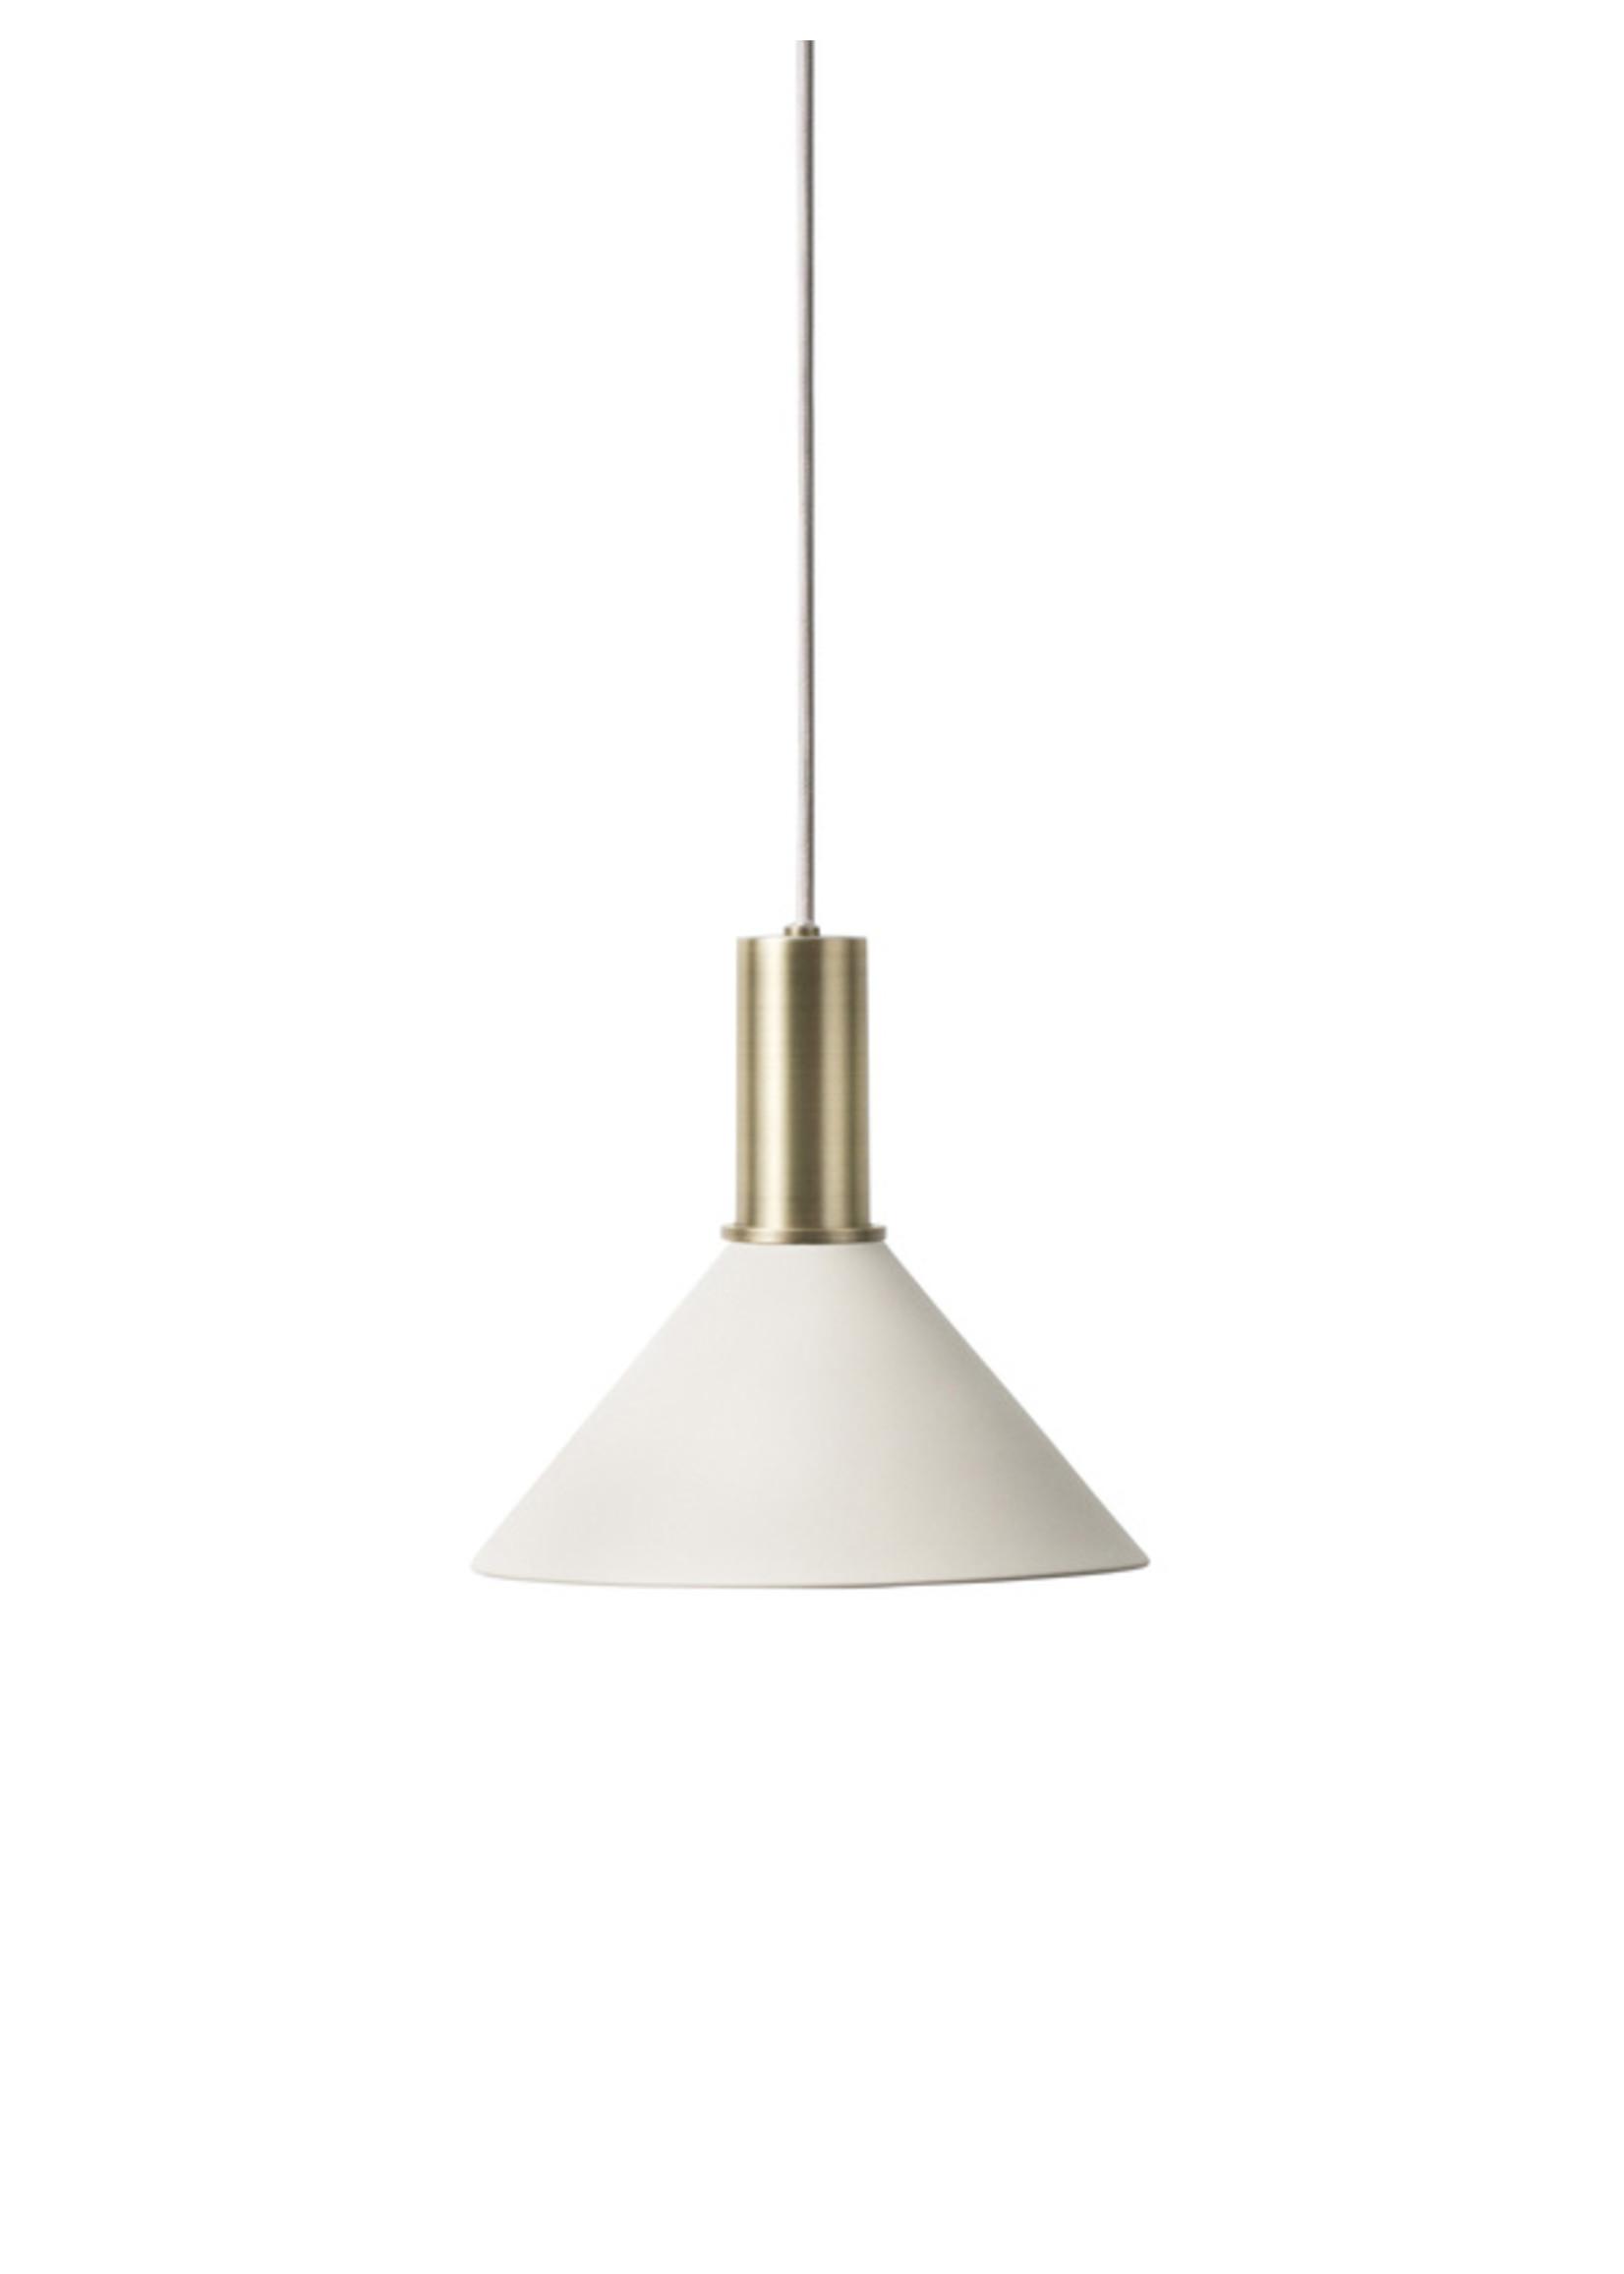 ferm LIVING ferm LIVING Lighting - Cone Shade - Light Grey